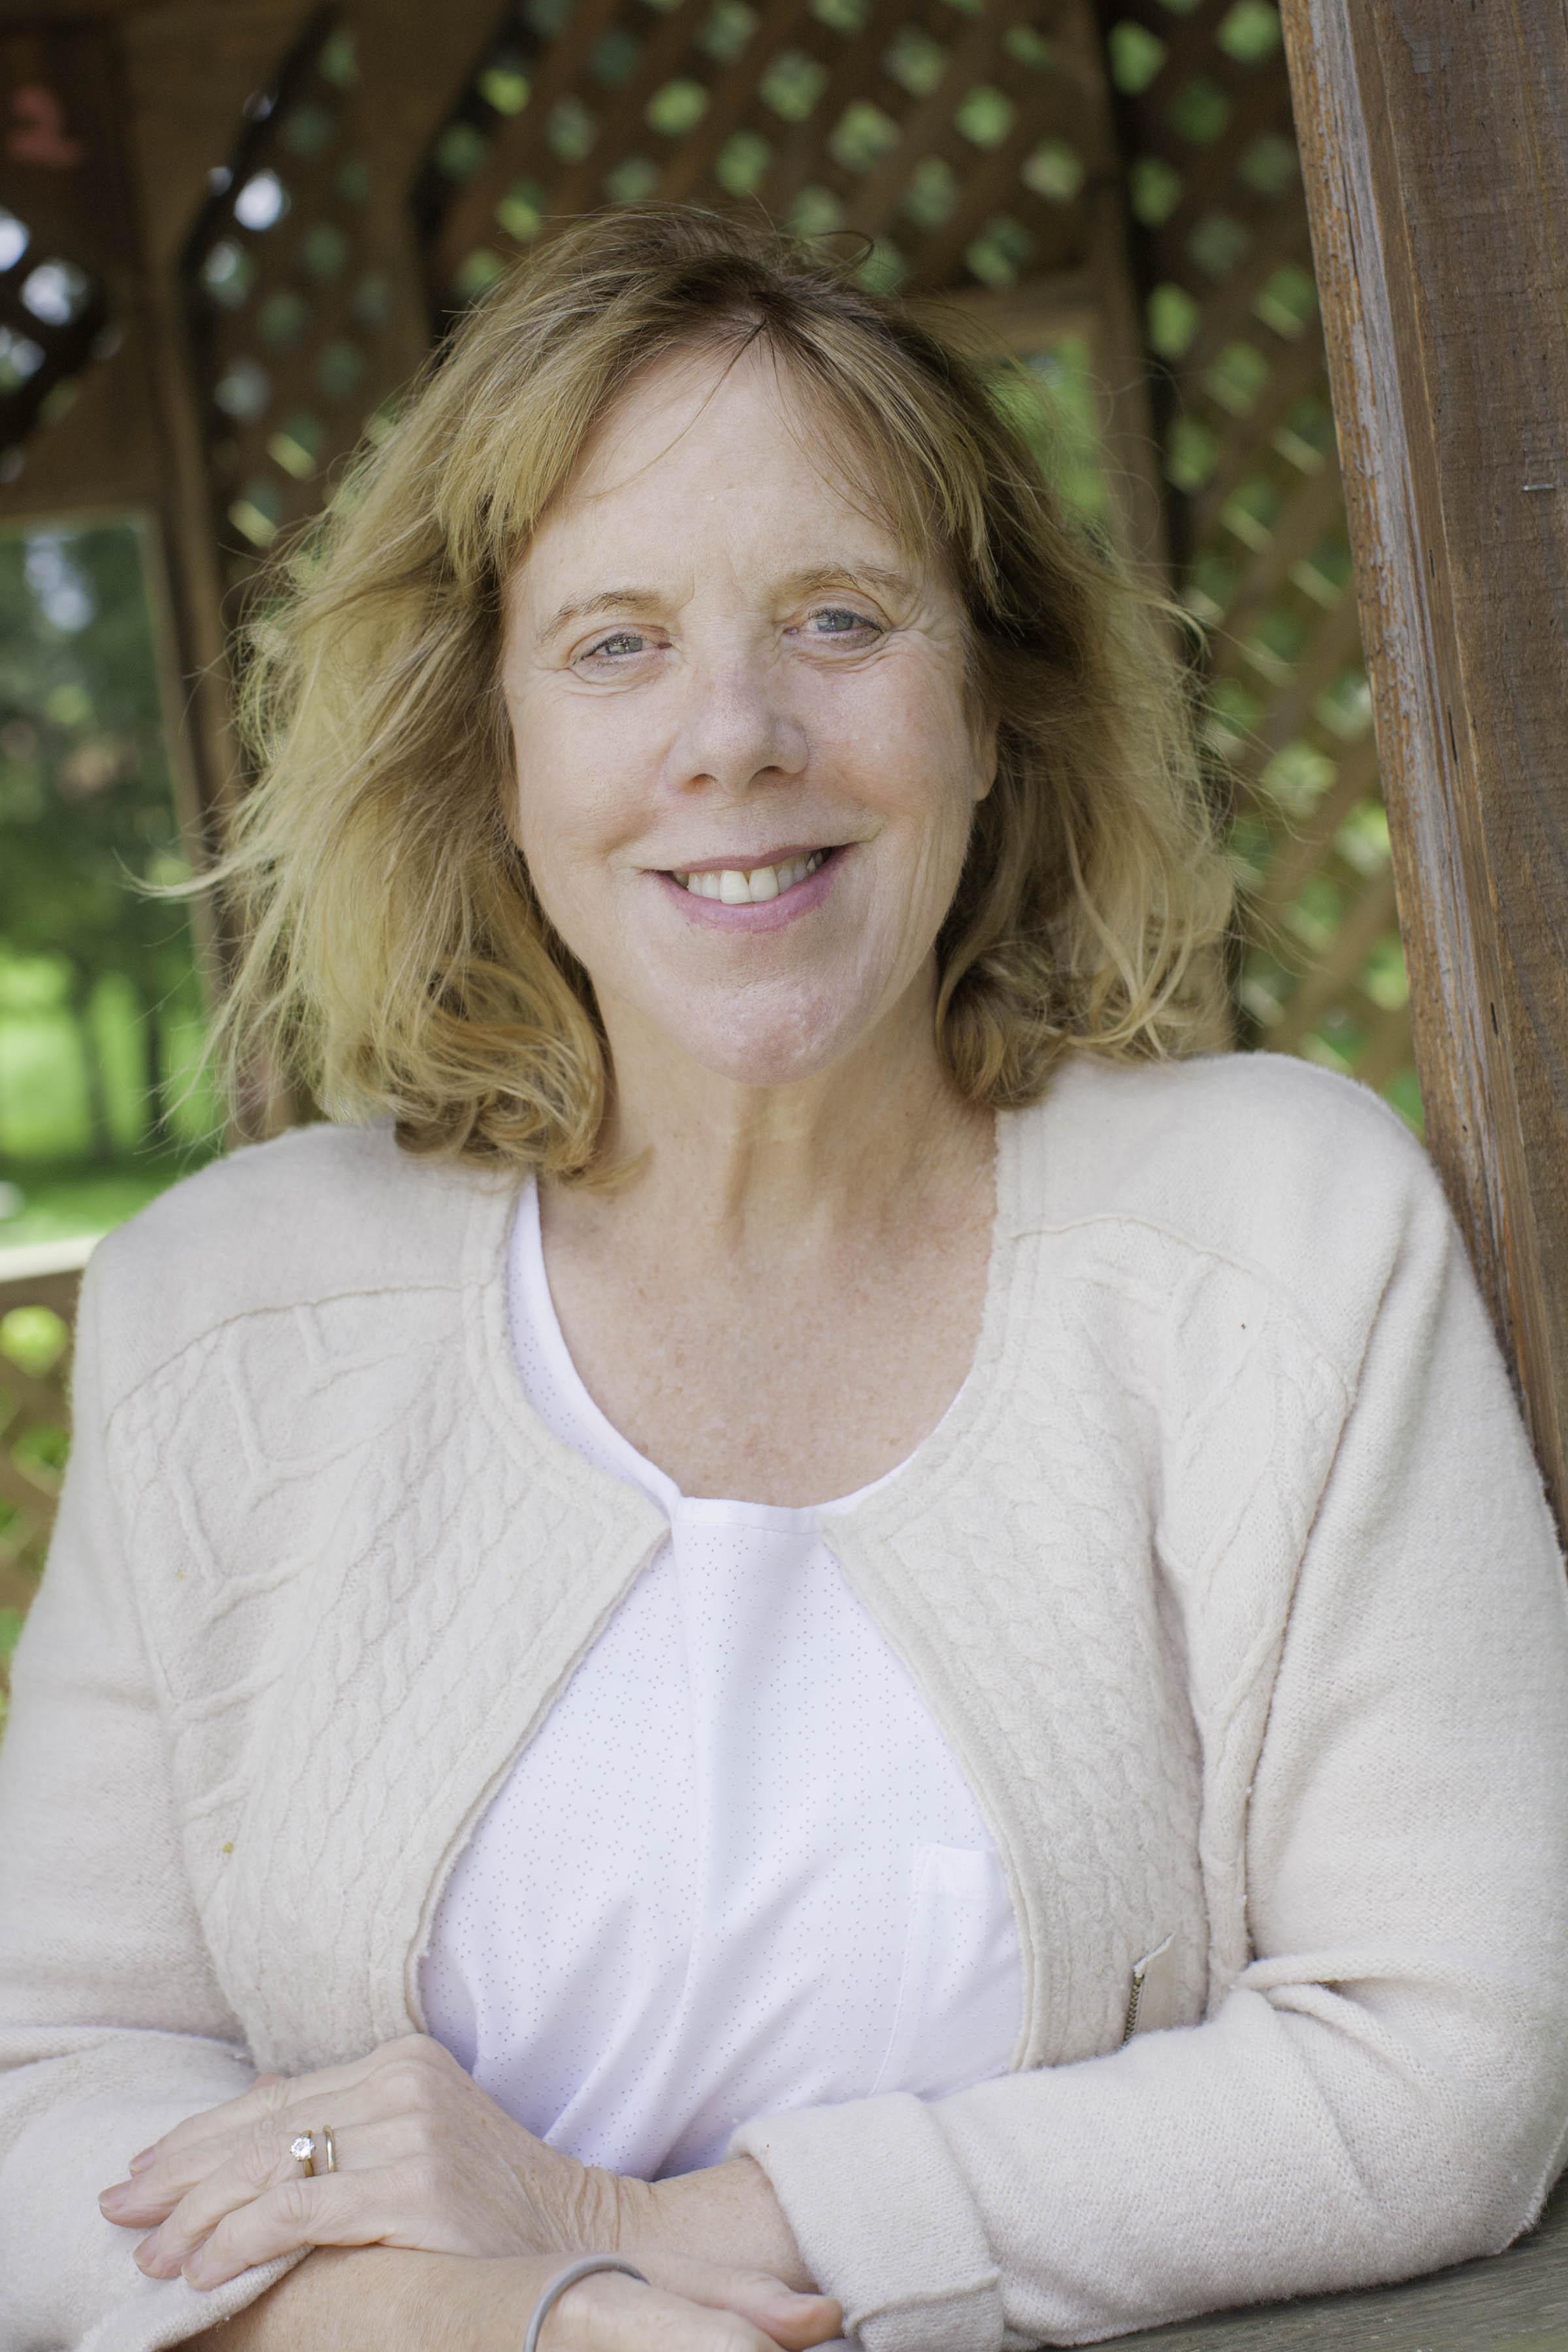 Susie Courtney